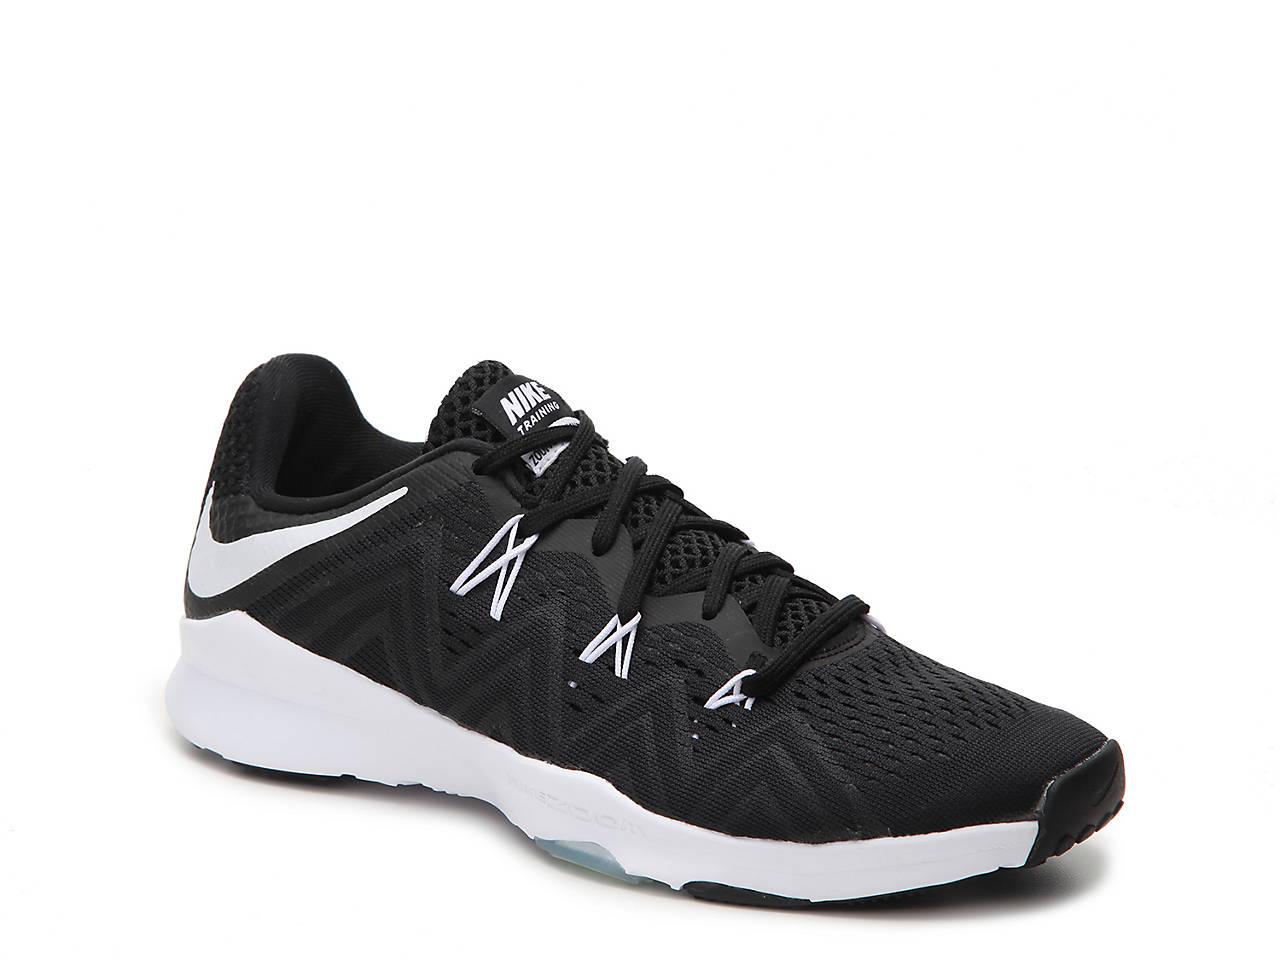 nike women's shoes dsw